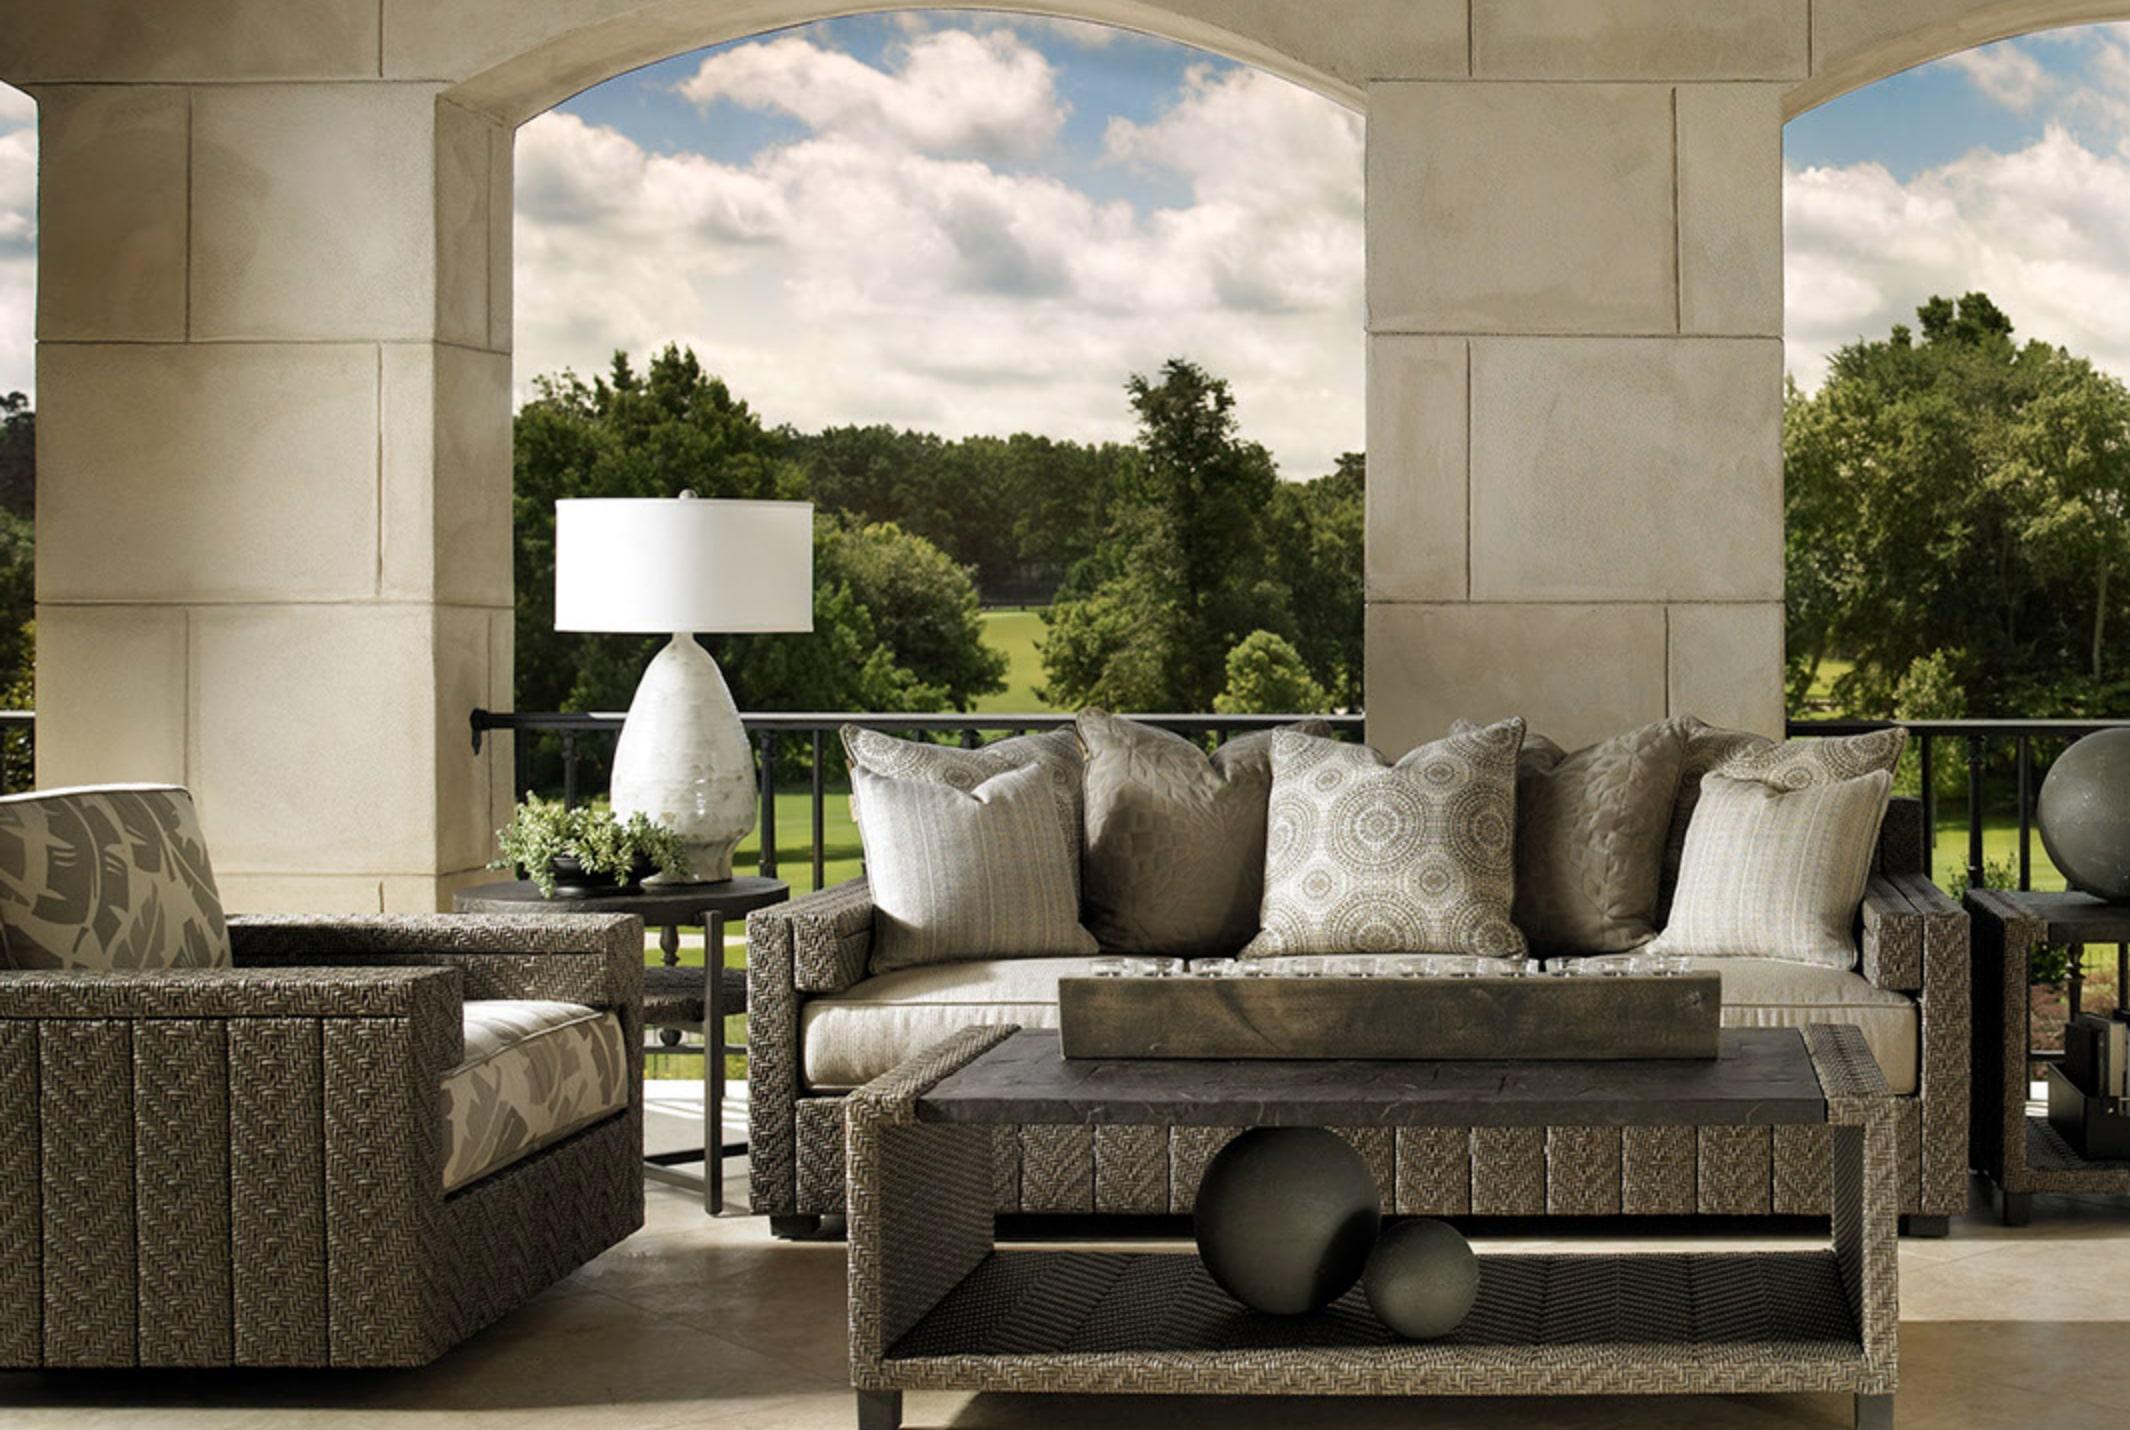 WO_Home Fashion_Furniture3